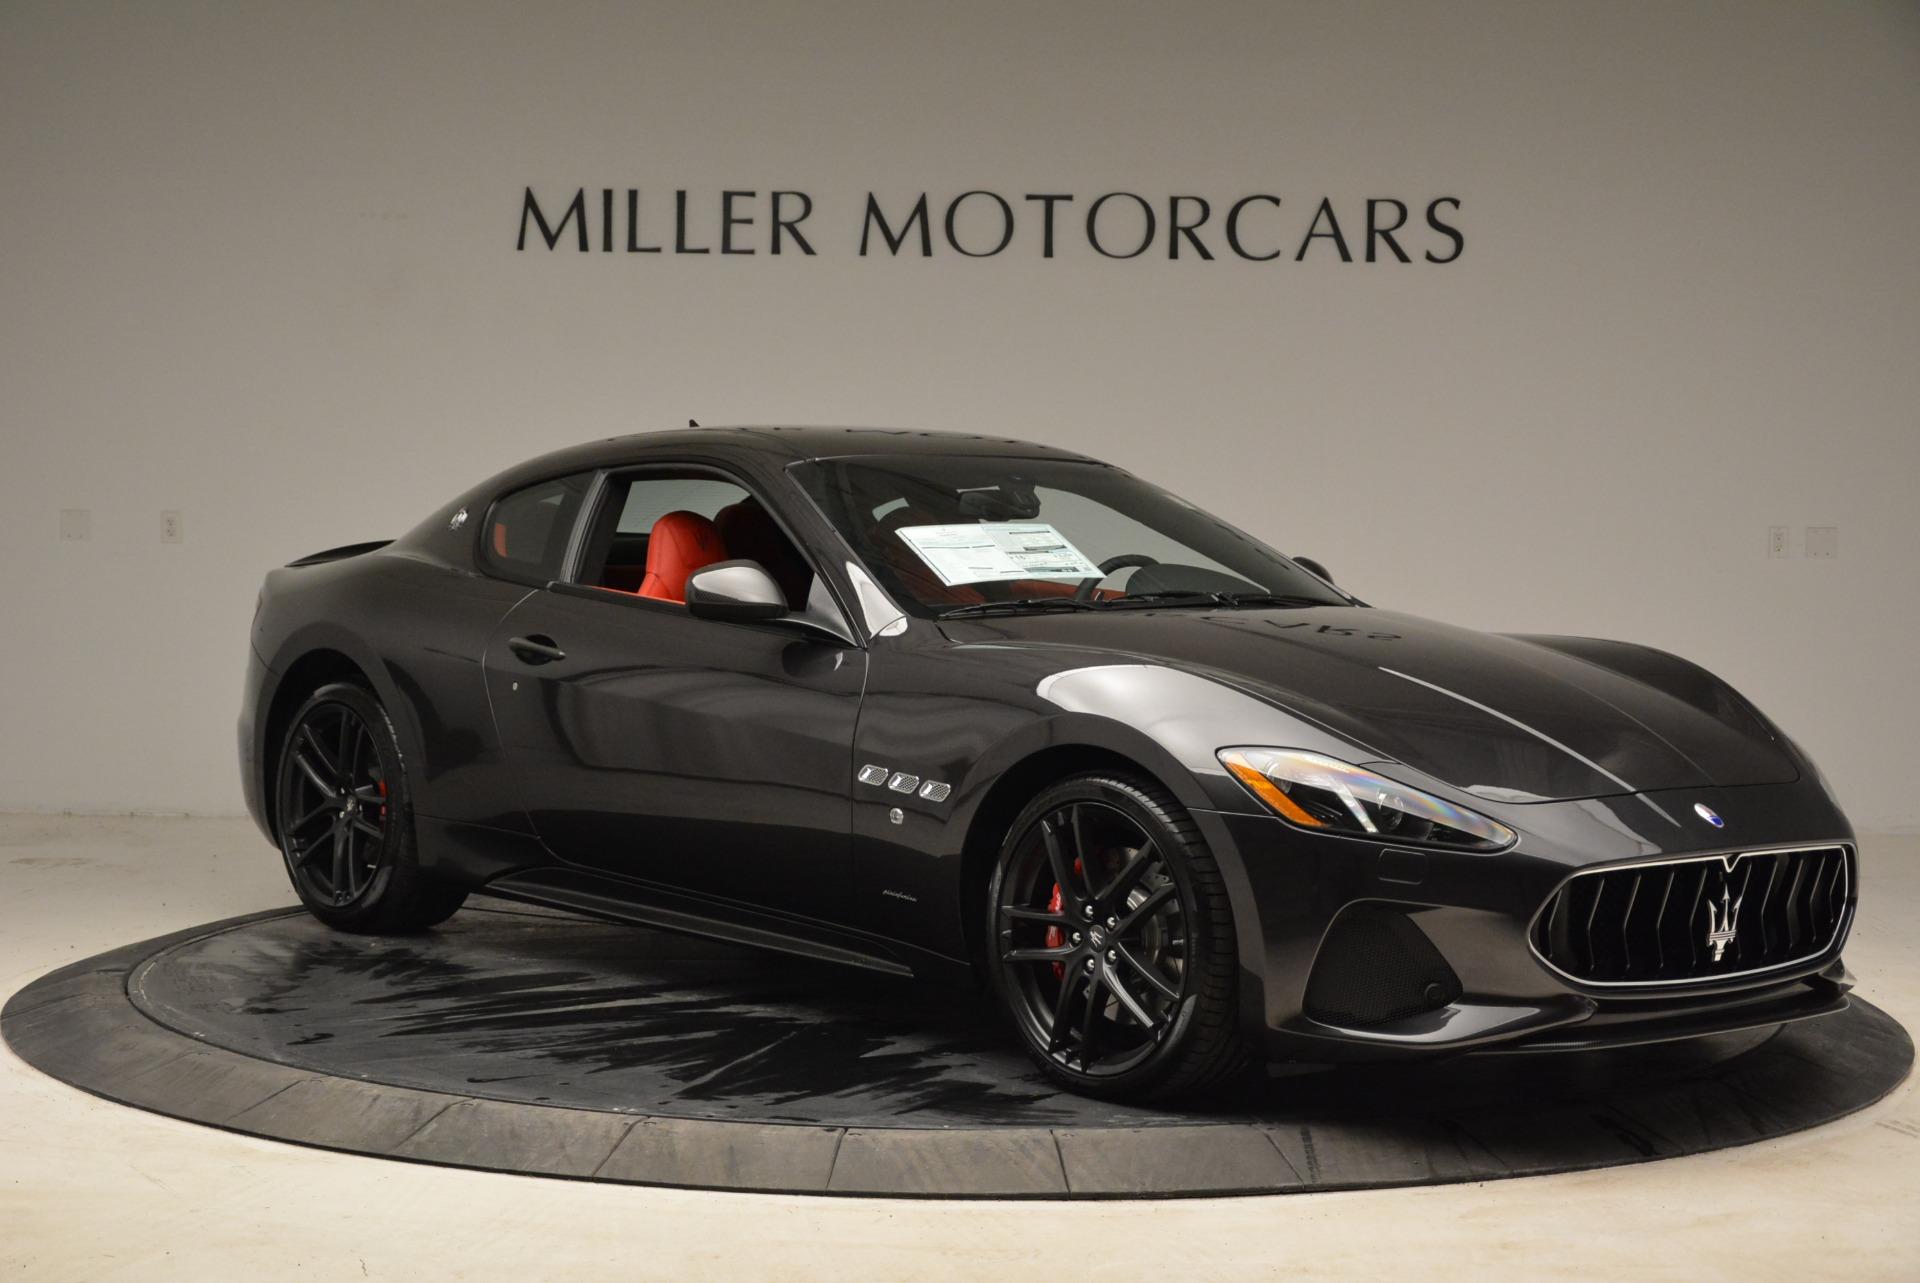 New 2018 Maserati GranTurismo Sport For Sale In Greenwich, CT 2426_p10